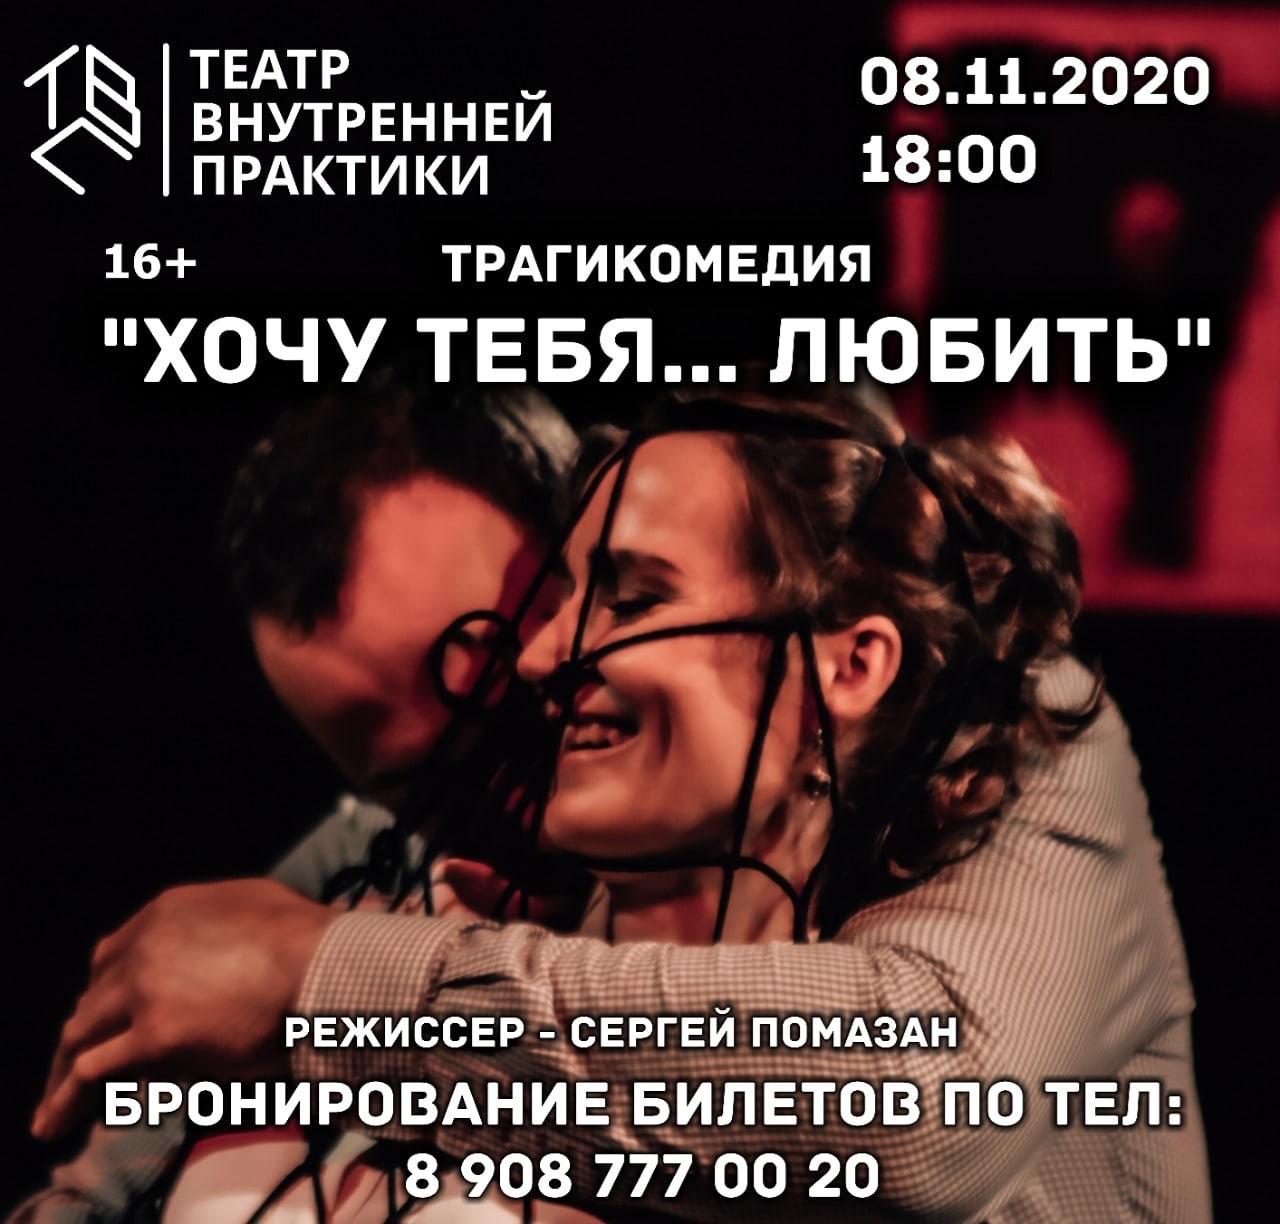 Спектакль «Хочу тебя любить»